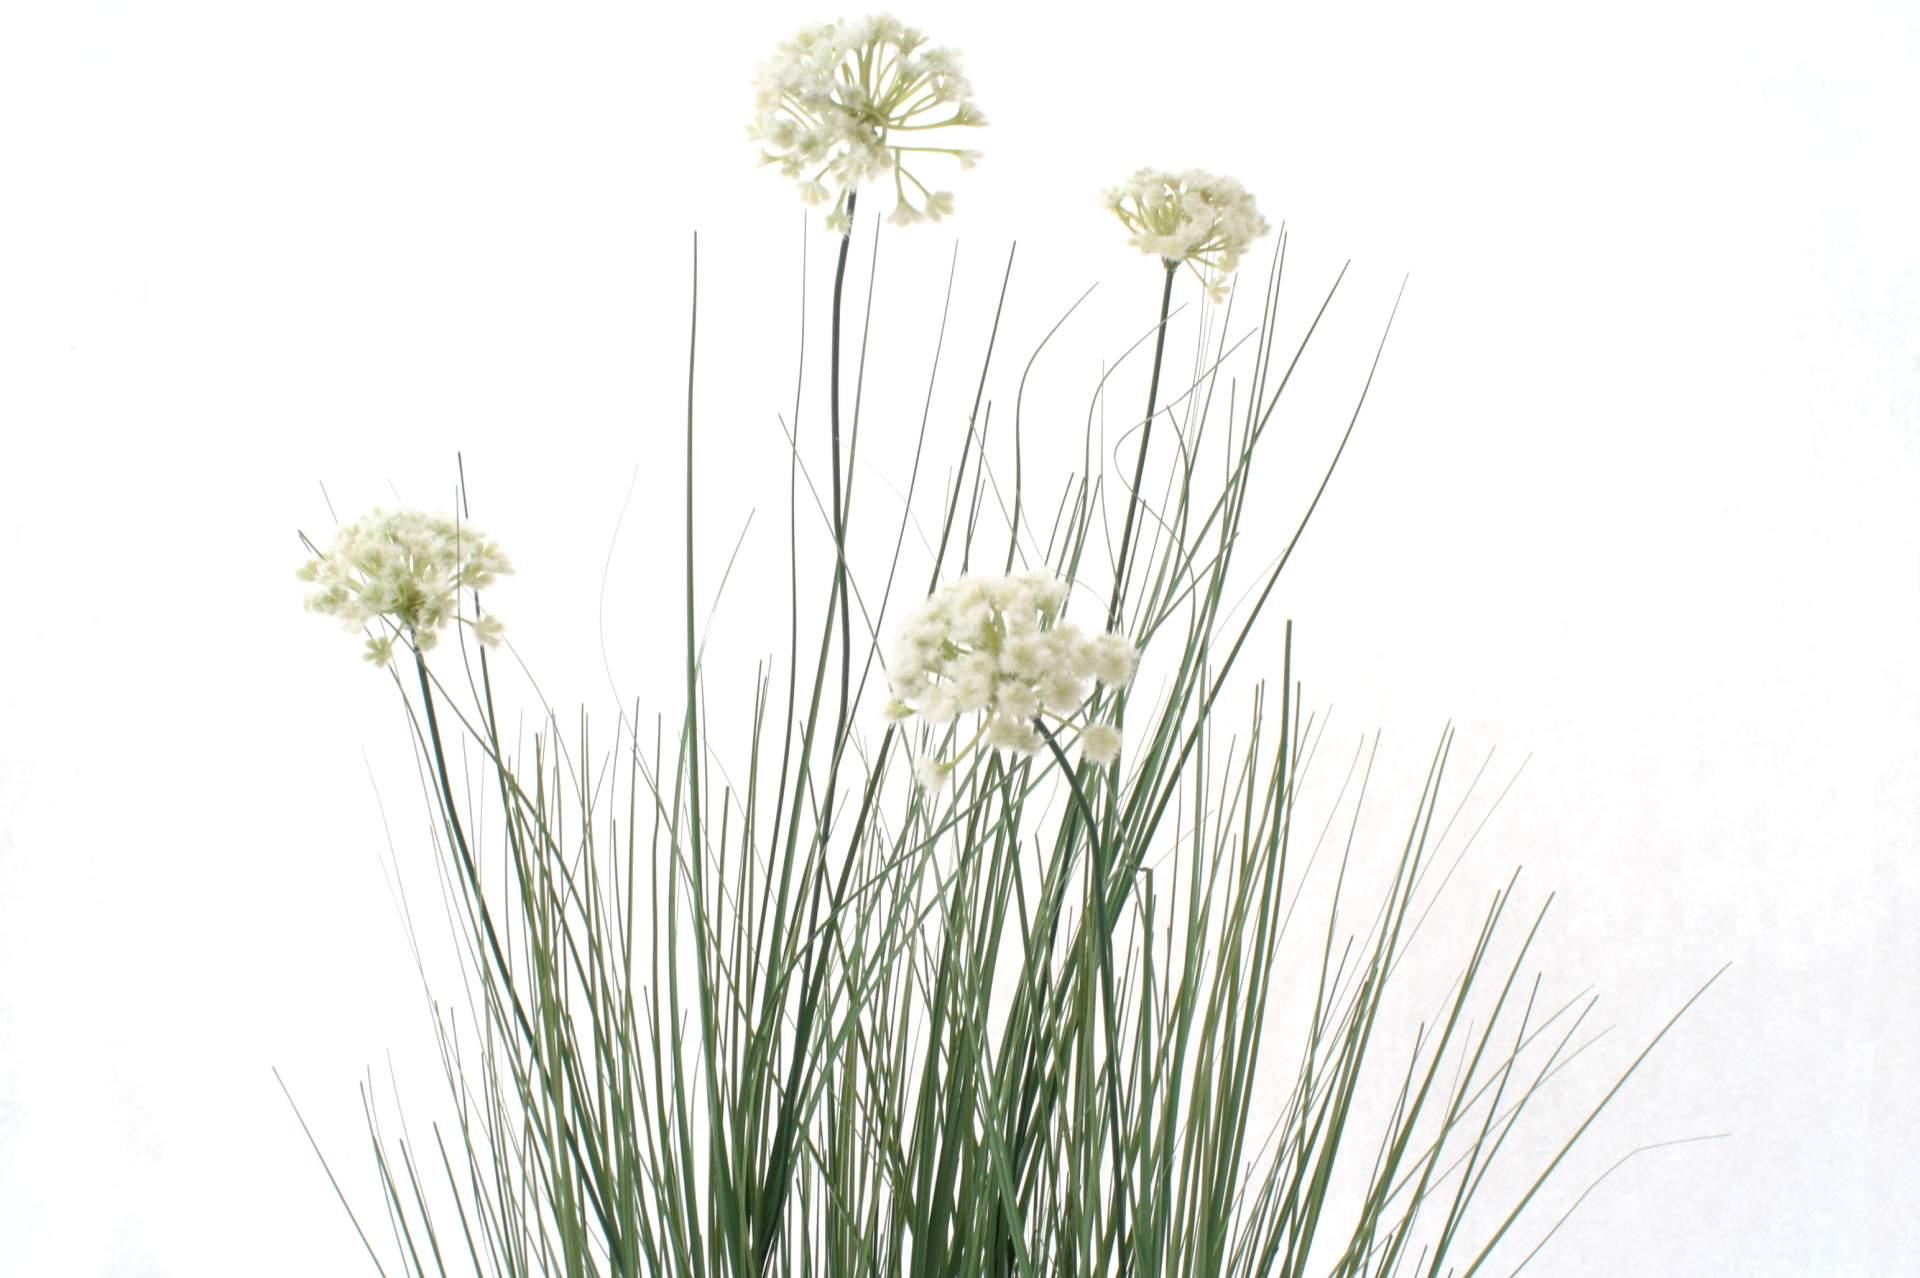 k nstliches ufergras mit weissen bl ten 120 cm kunstpflanze gras k nstlich neu ebay. Black Bedroom Furniture Sets. Home Design Ideas